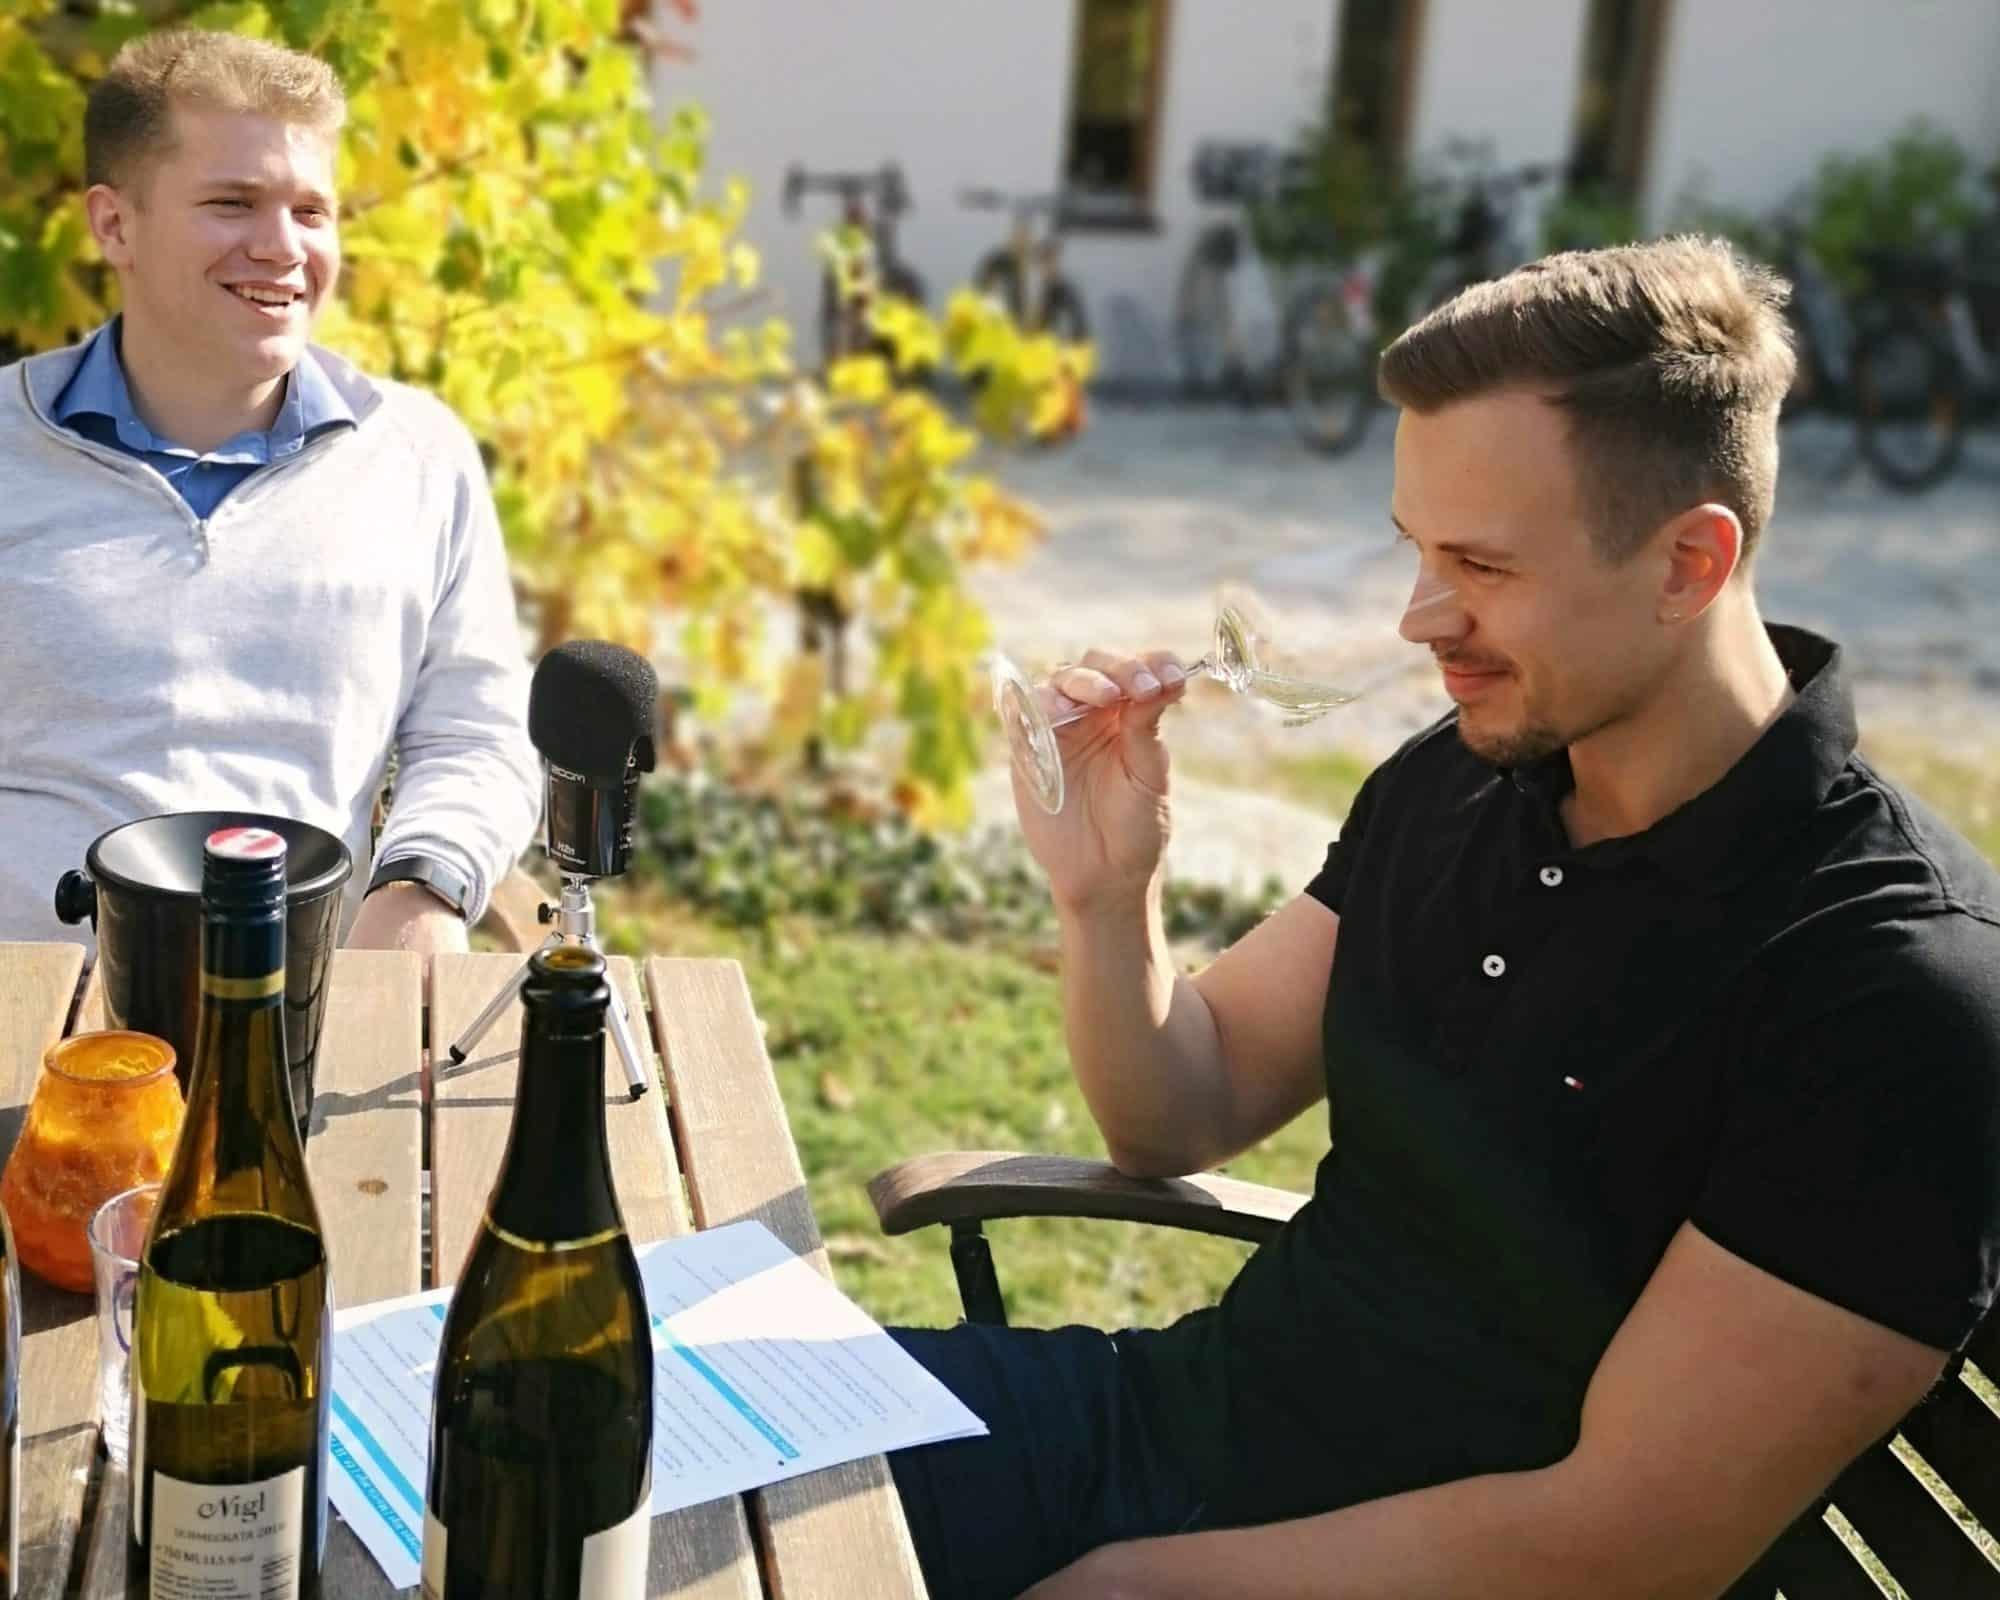 Wein richtig verkosten